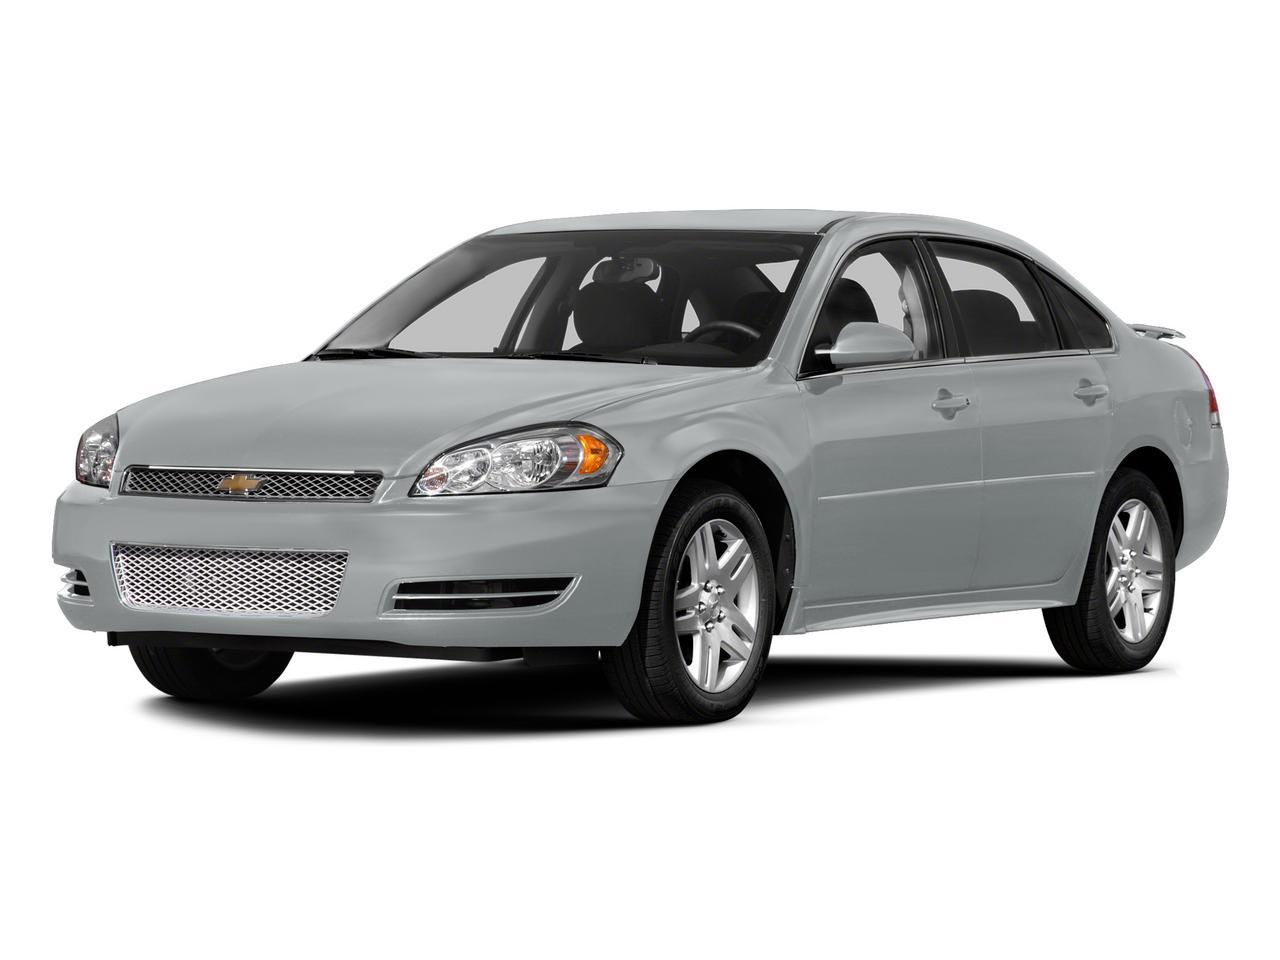 2015 Chevrolet Impala Limited Vehicle Photo in Carlisle, PA 17015